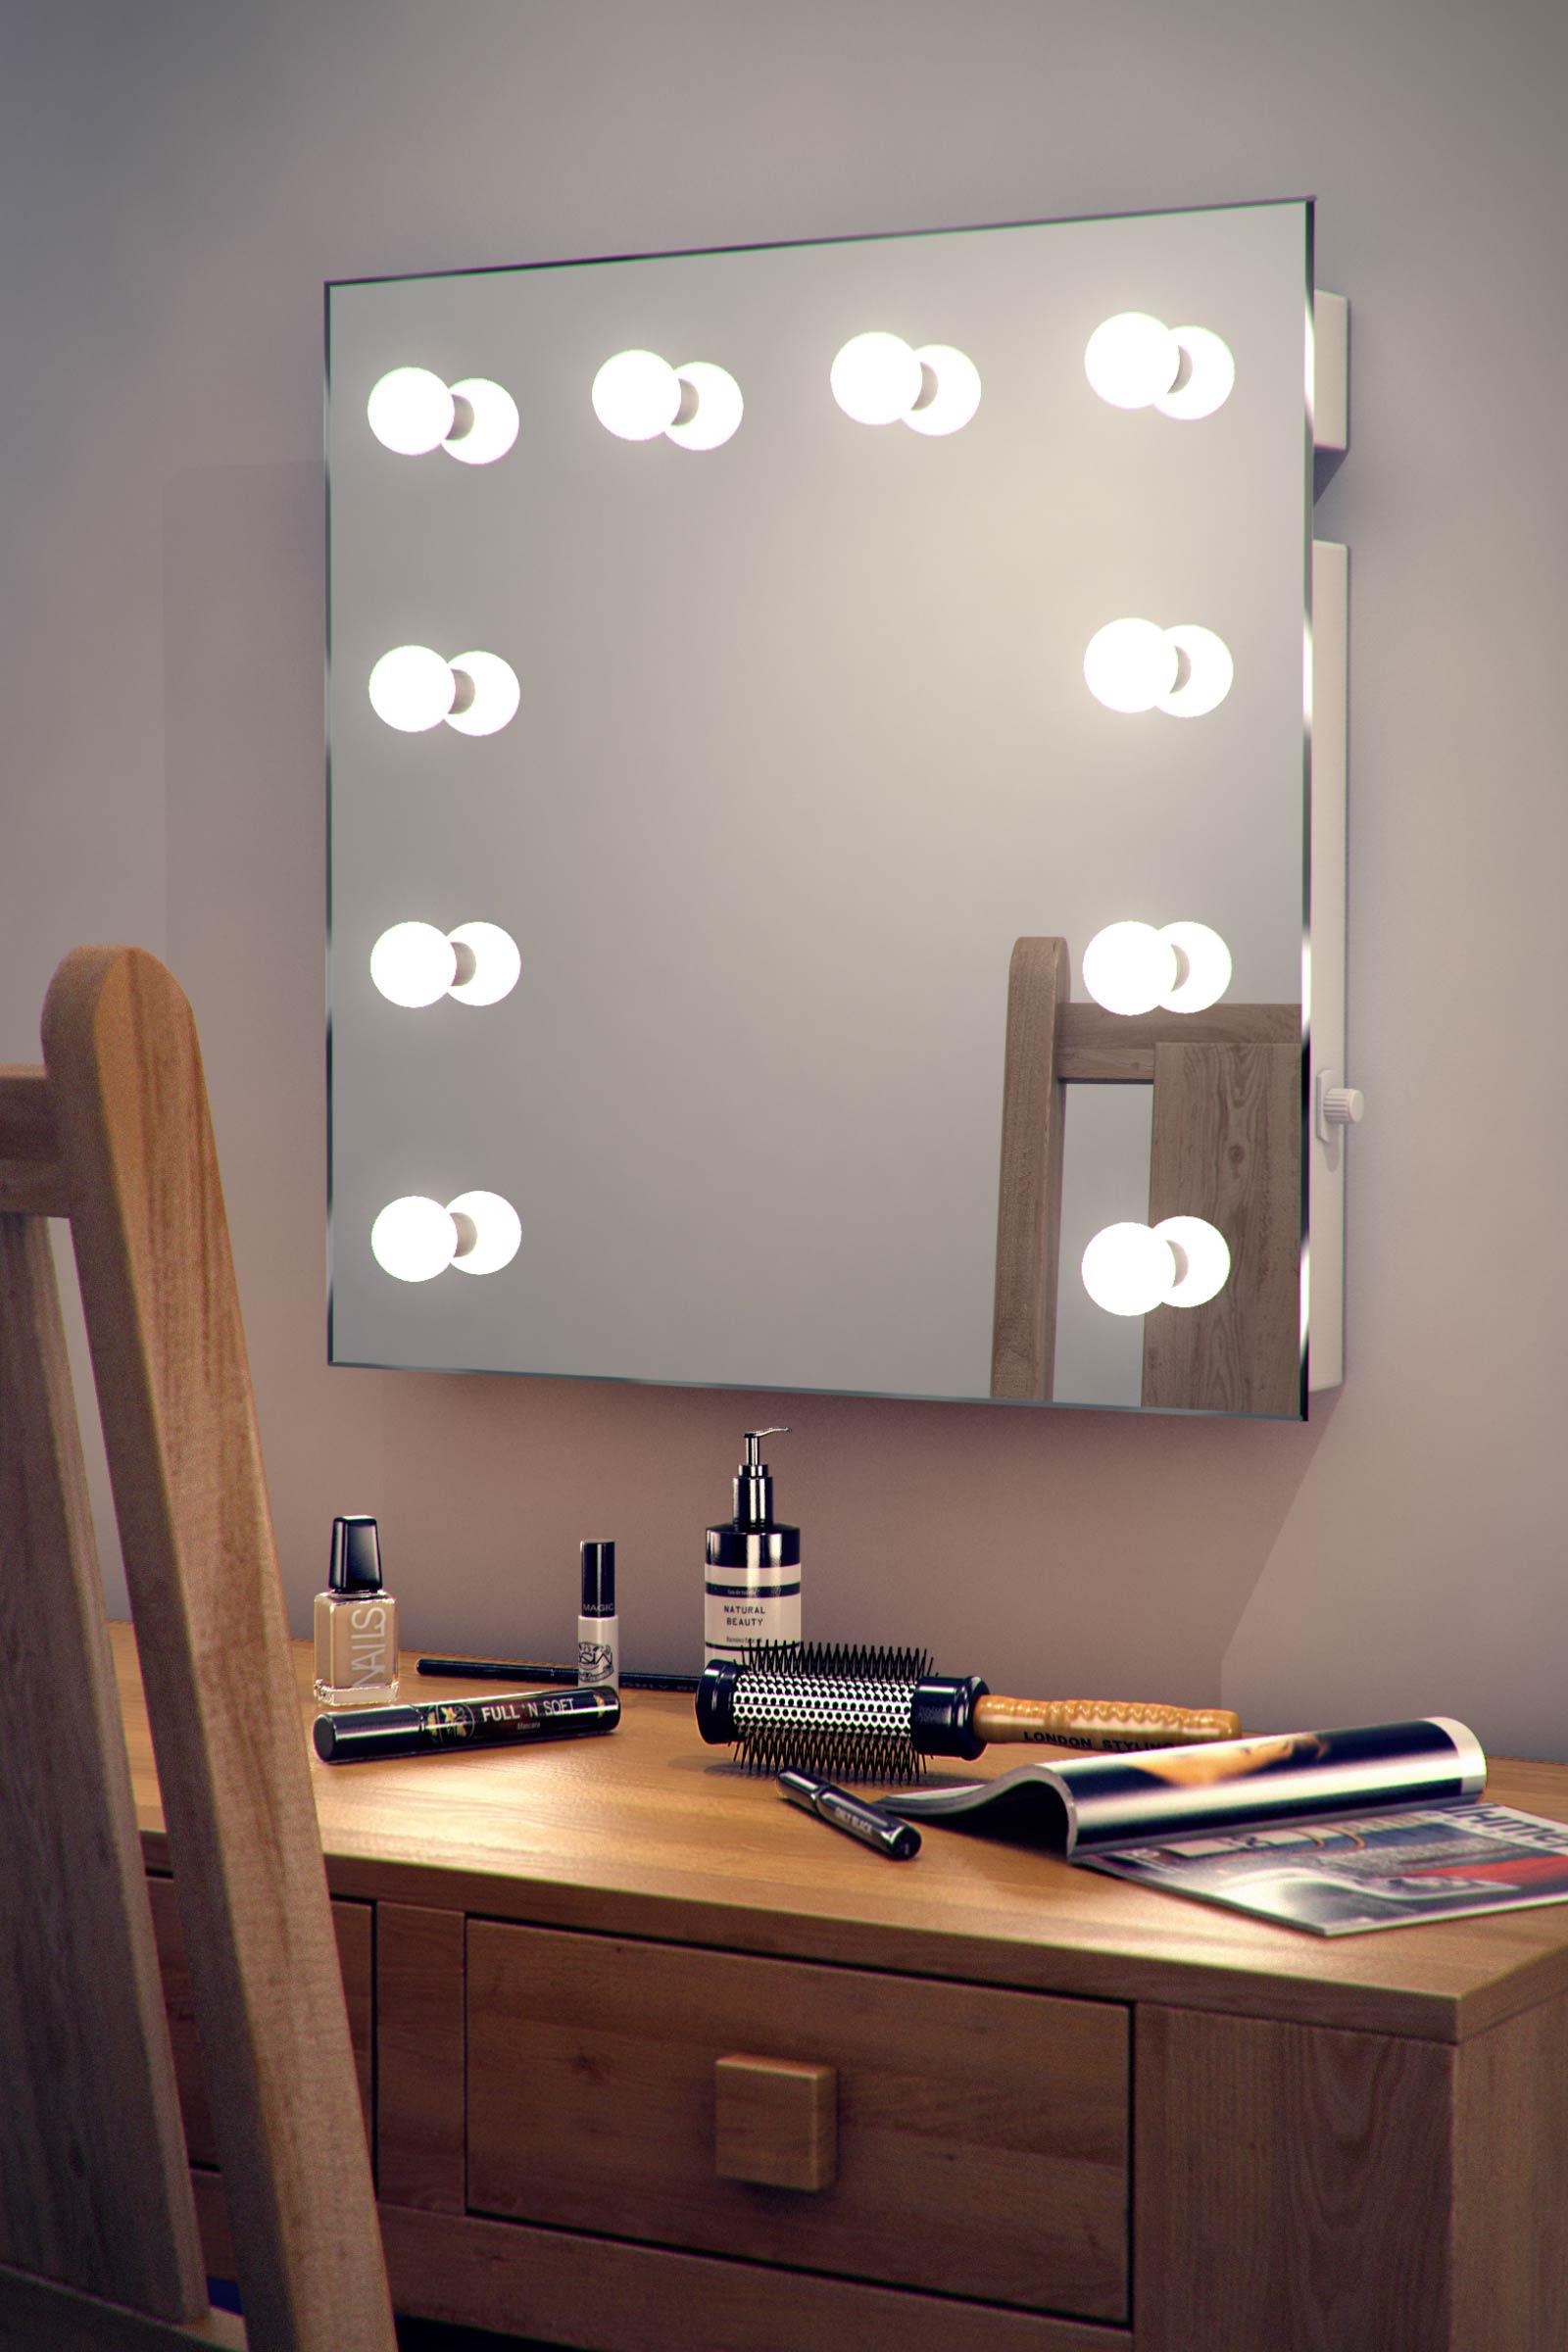 Uitgelezene Spiegel Beleuchtet Hollywood   Das Beste Von 20 Make Up Spiegel RX-24